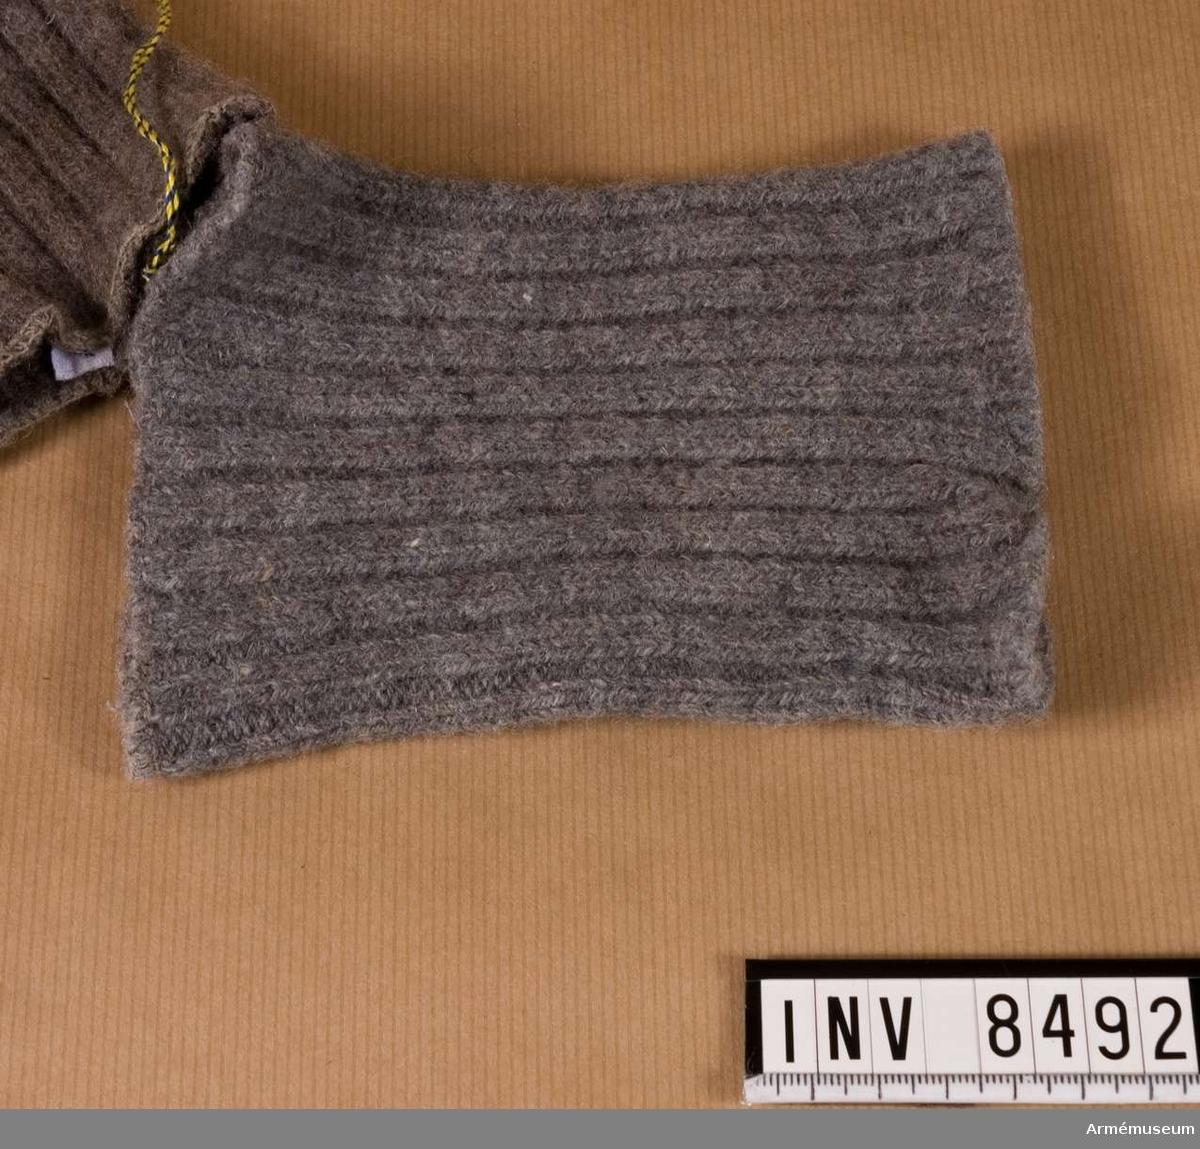 Samhörande i par 8491-2. Stickad i grått yllegarn, två aviga och två räta maskor. Stickad som en mudd som sytts ihop ett stycke in i nederkanten, så att det bildats ett hål för tummen. På så vis täcker mudden halva handen och hålls samtidigt på plats.